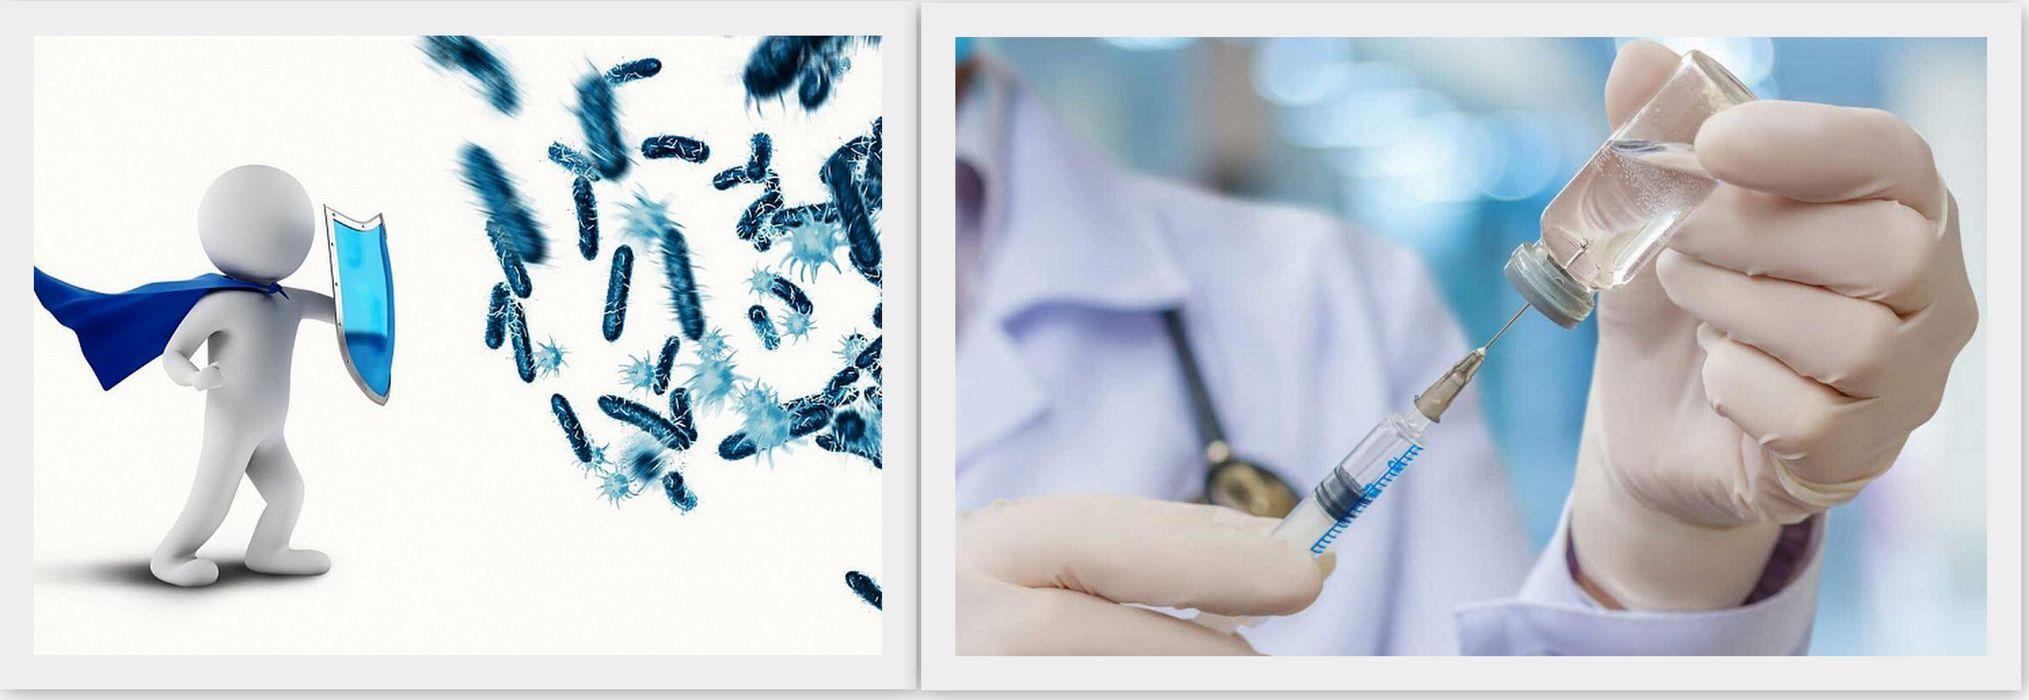 Виды и нормы прививок в 2021 году